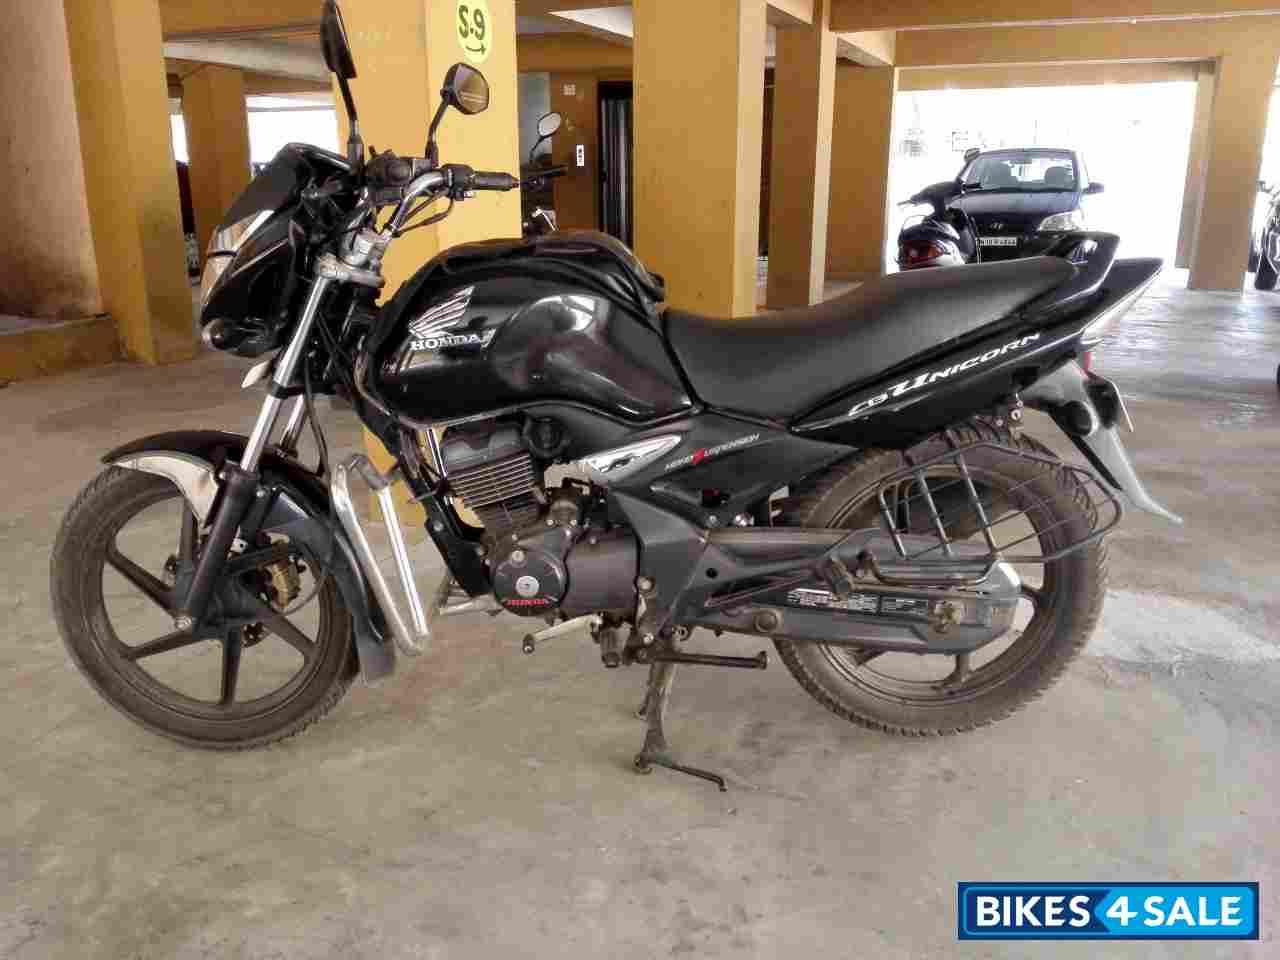 Black Honda Unicorn For Sale In Chennai The Bike Is